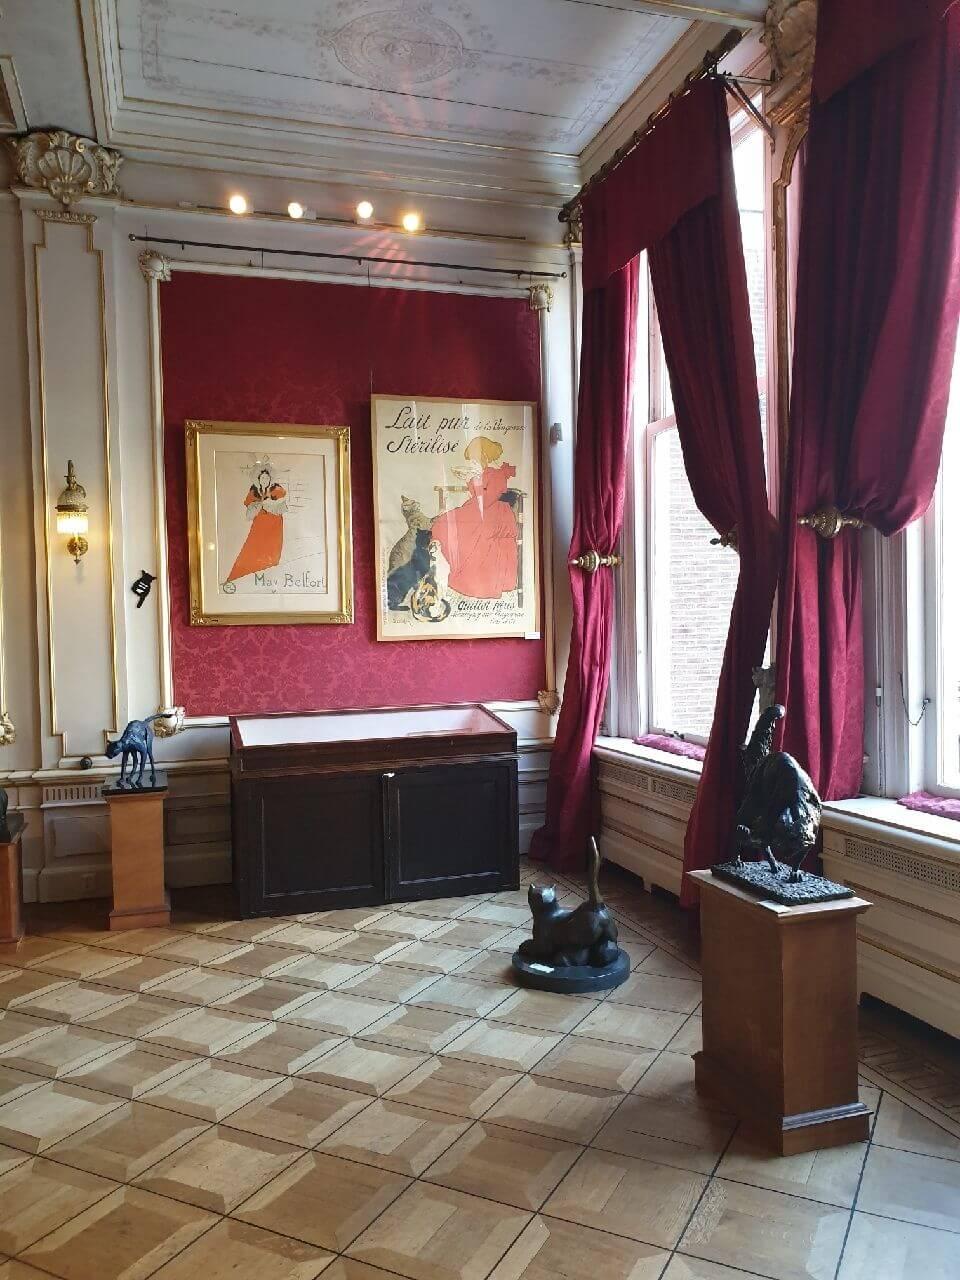 A vintage room in Het Kattenkabinet Amsterdam